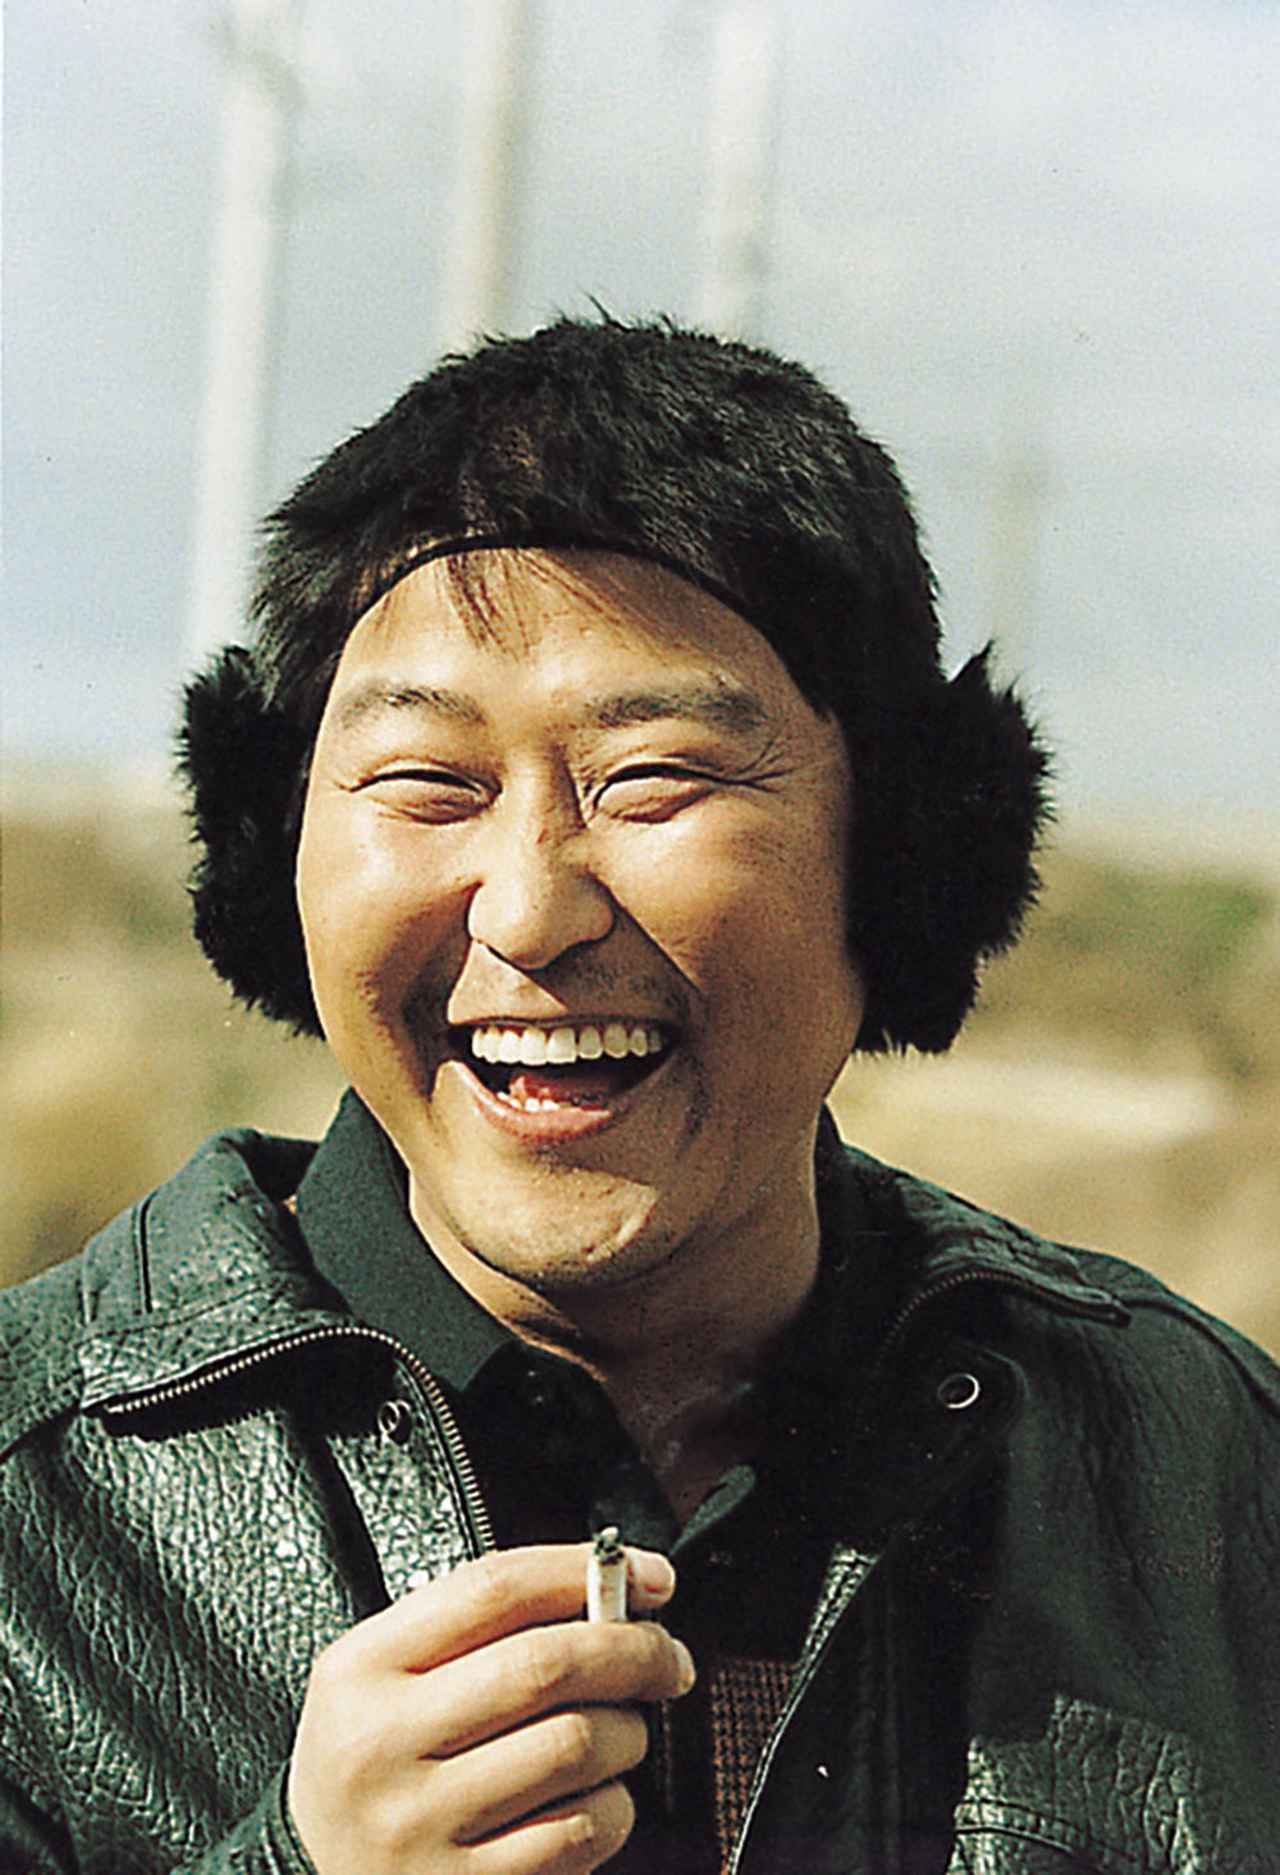 画像3: あなたの推しは誰?韓国映画を支える3人のおじさん&愛の不時着のあの人も!?